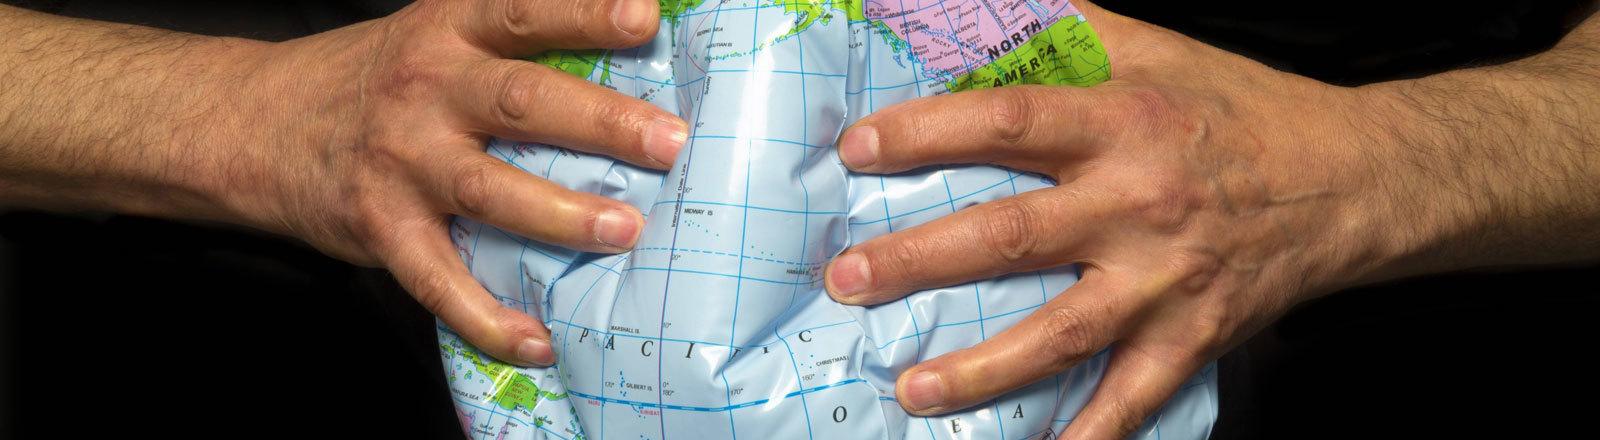 Ein Mann presst mit seinen Händen einen aufblasbaren Globus zusammen.